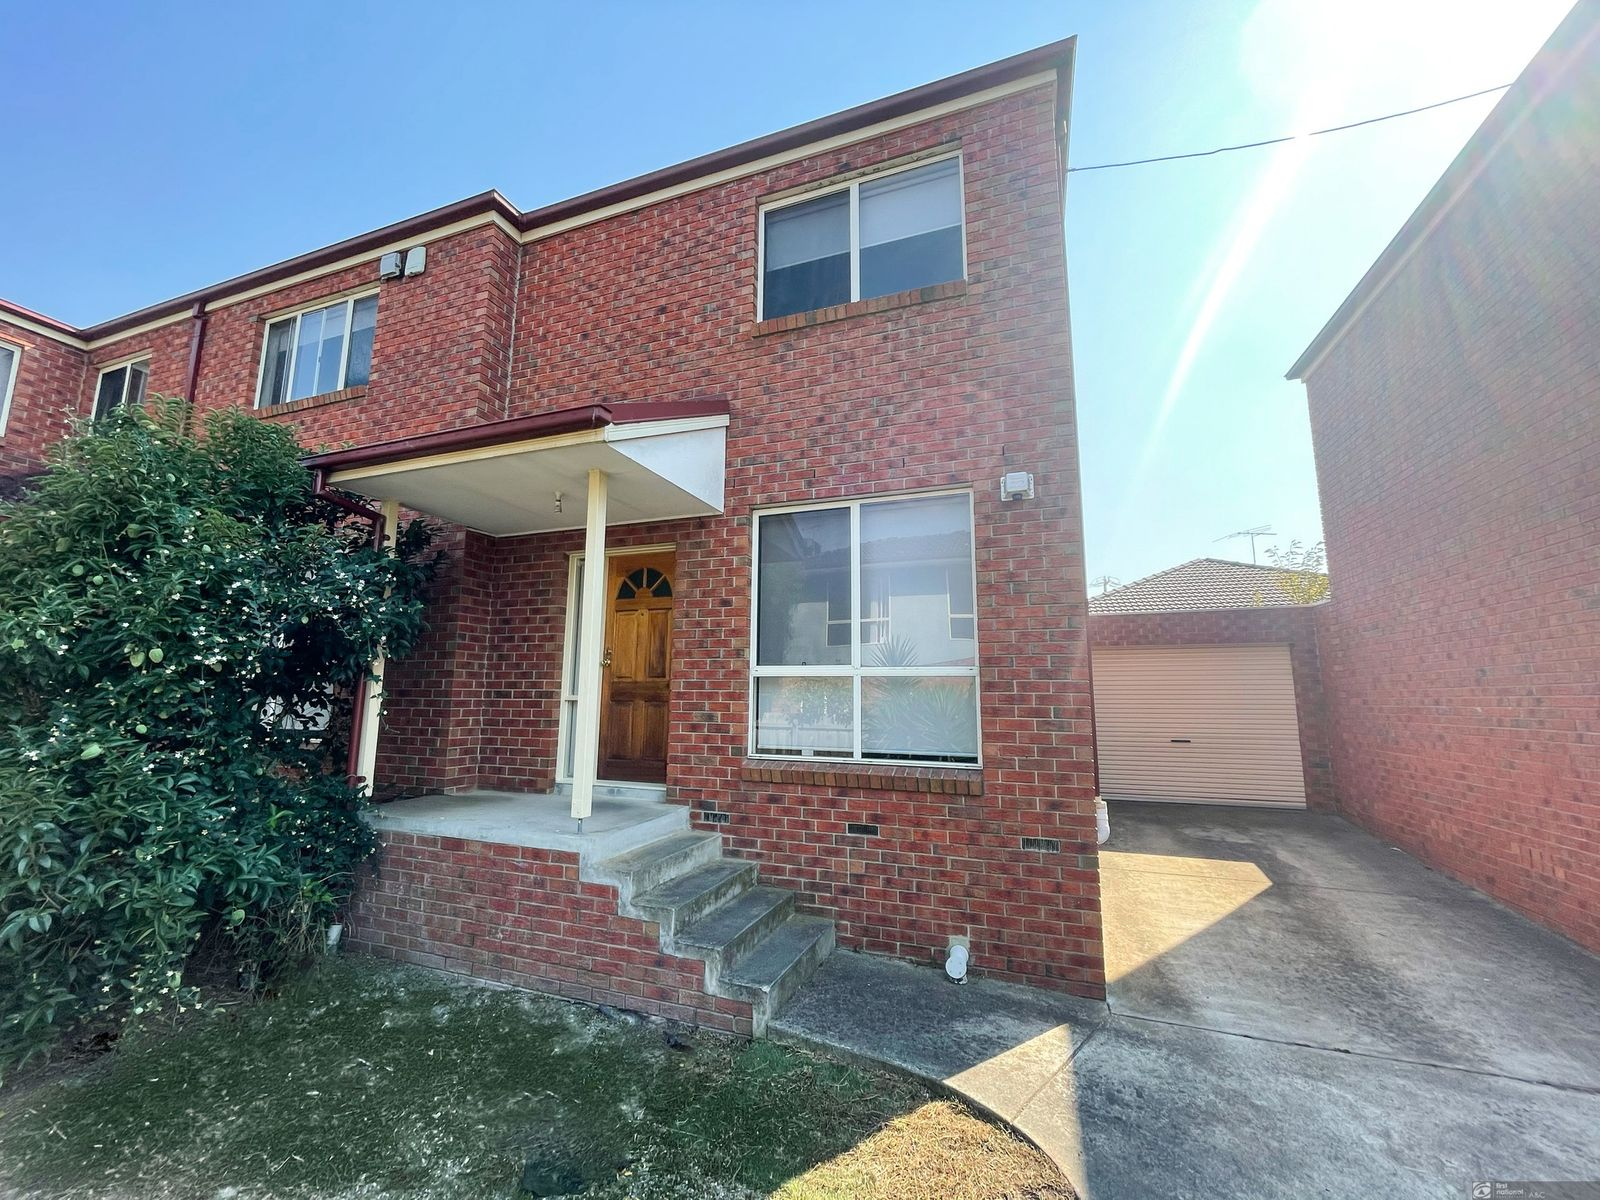 2/43 Panorama Street, Clayton, VIC 3168